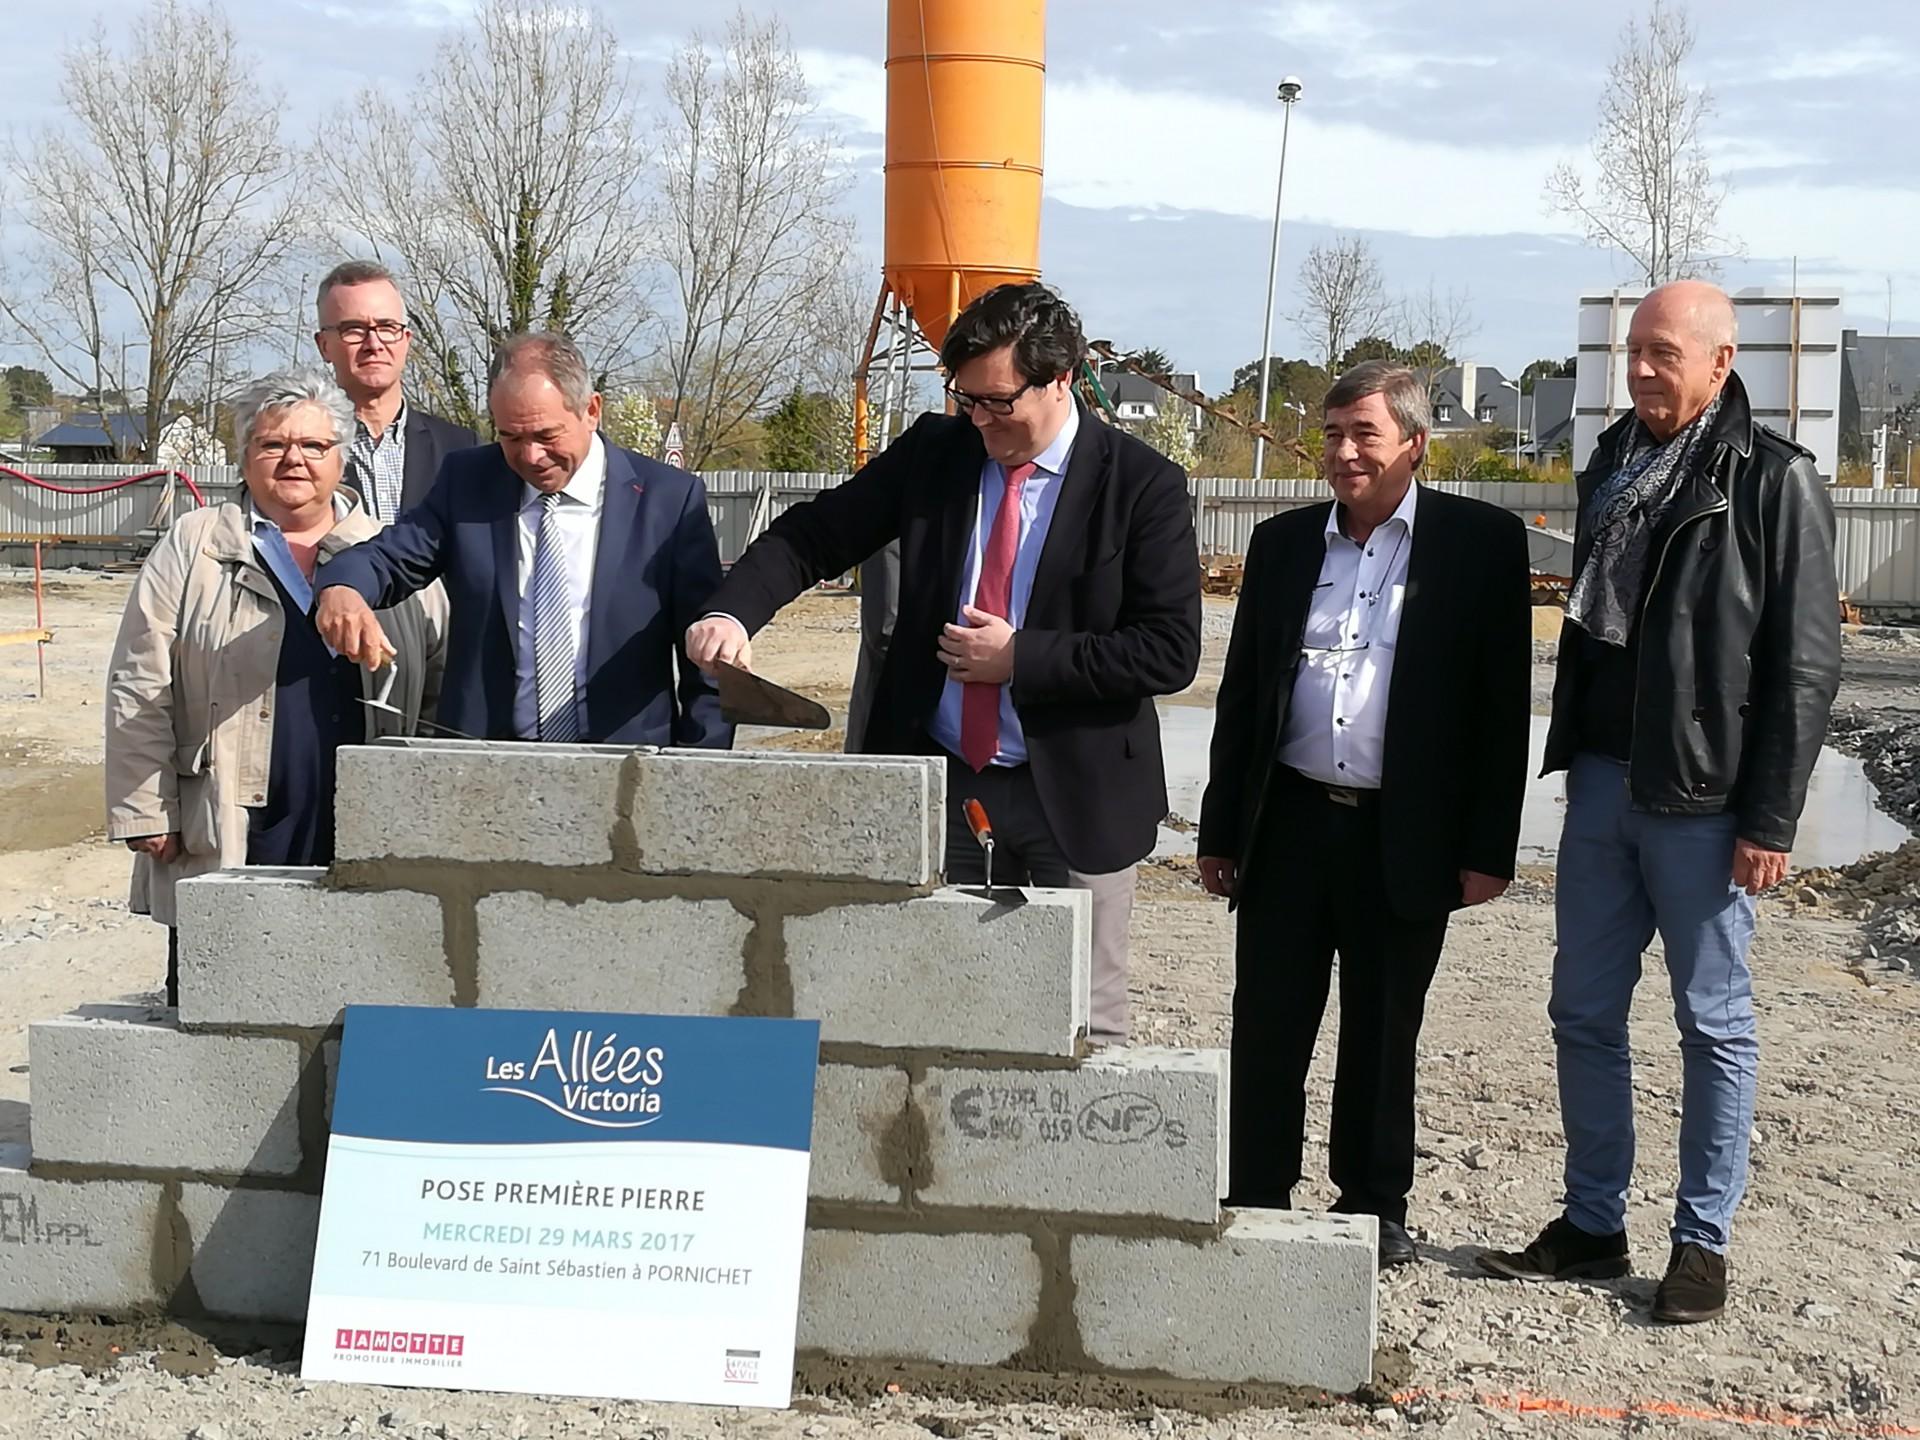 MM.Maura, Pelleteur et Guillet installent la première pierre avec l'aide experte de M.Gimbert, l'architecte du projet.